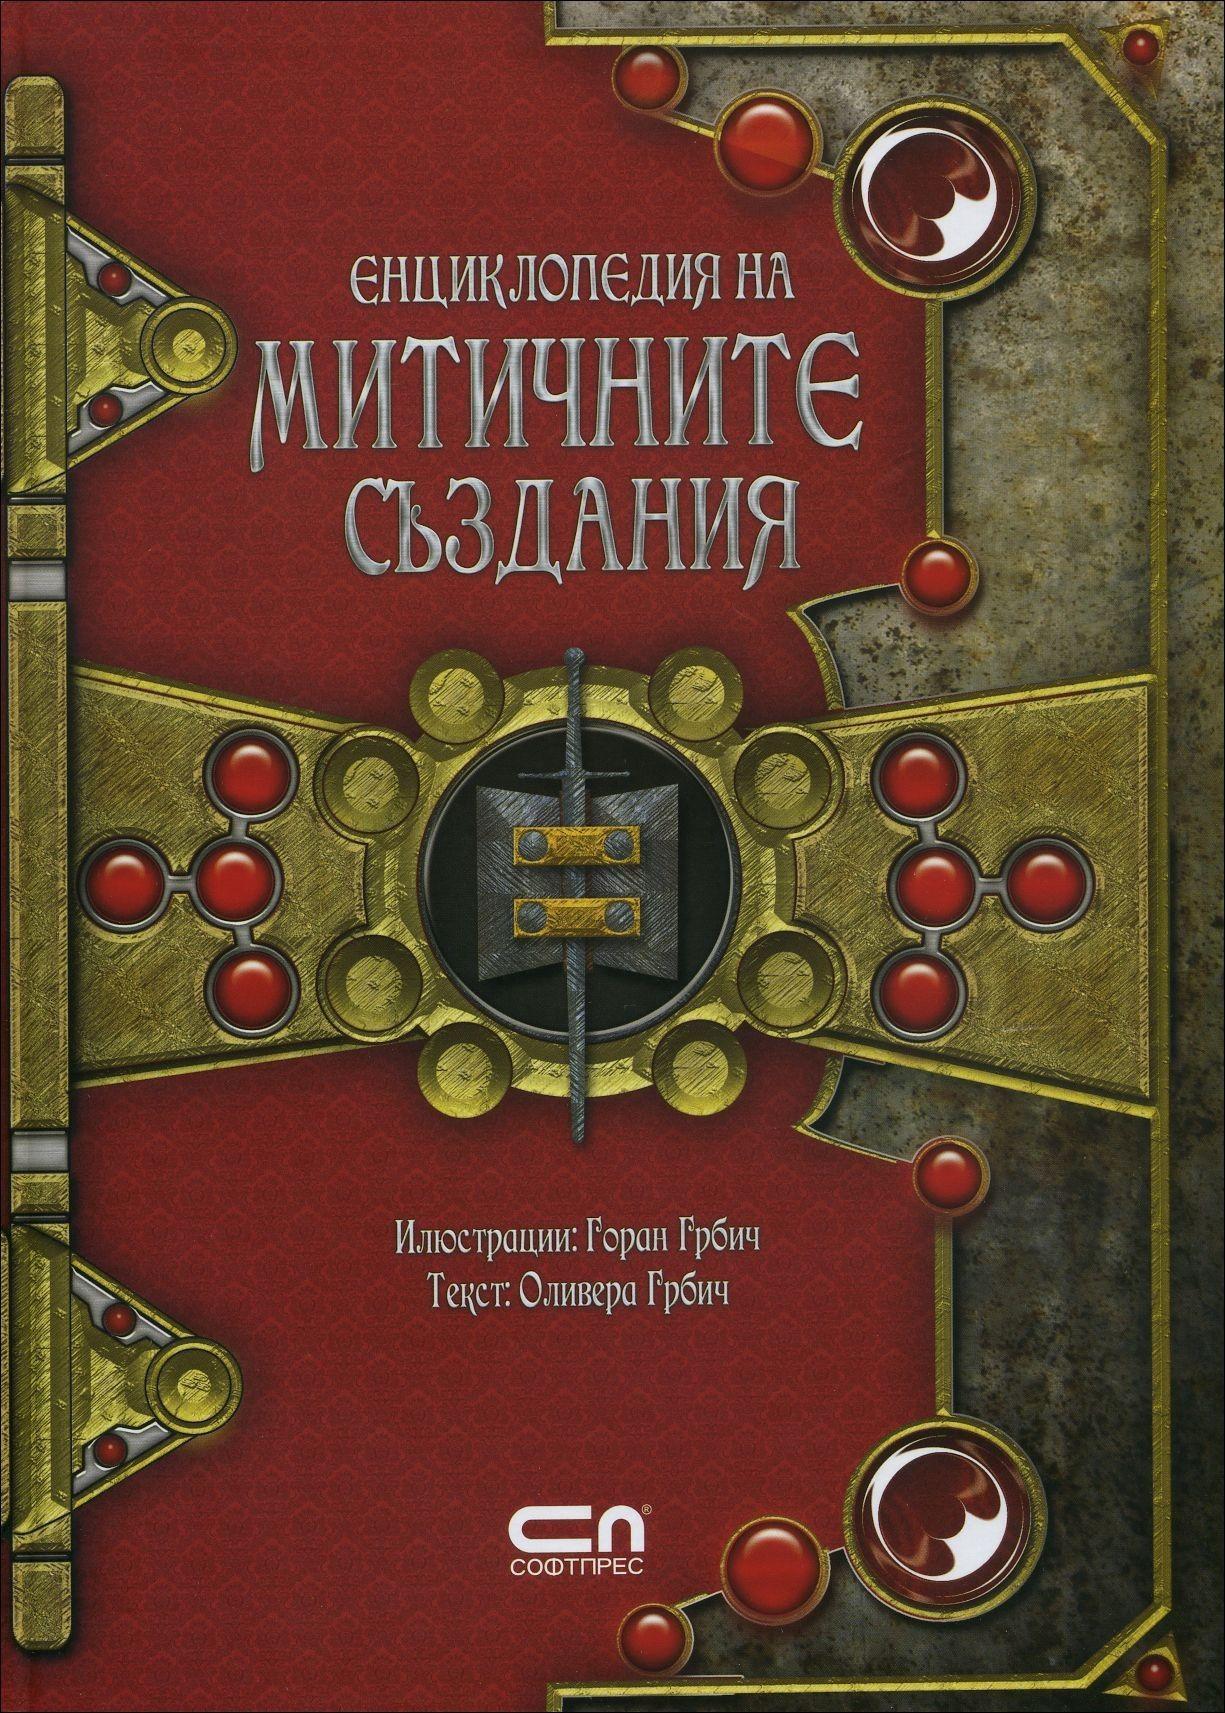 Енциклопедия на митичните създания - 1